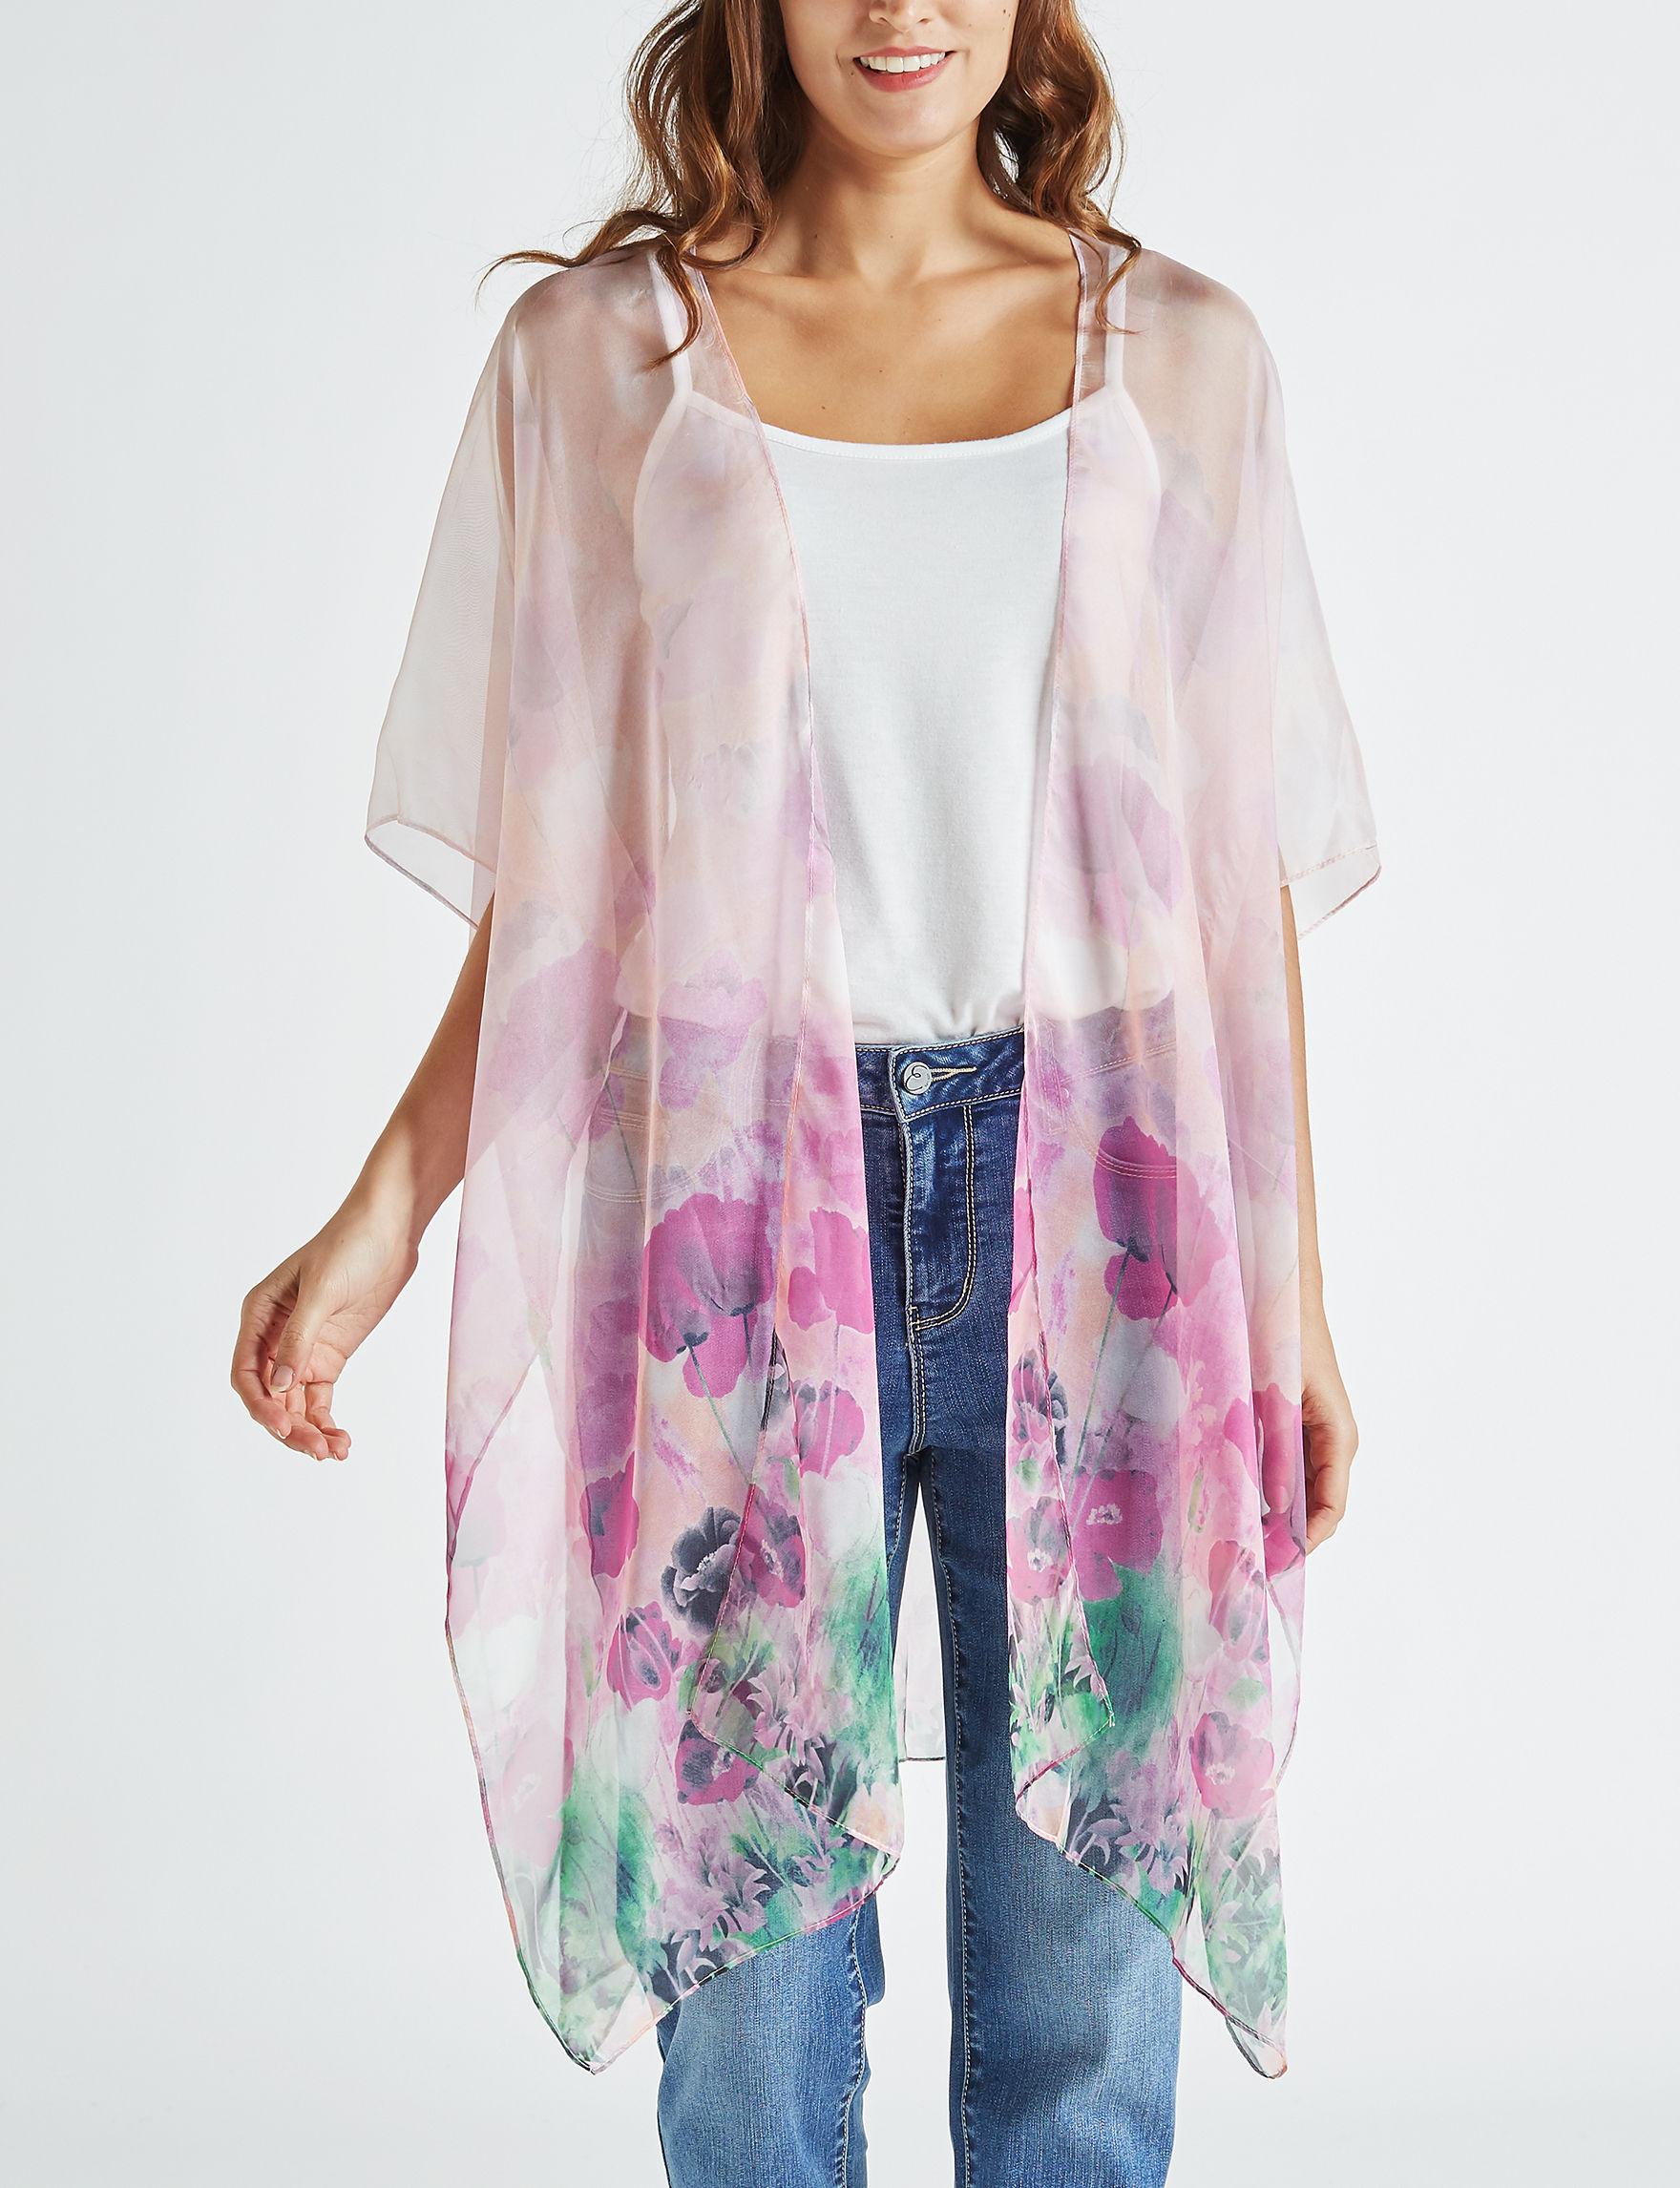 Cejon Blush Kimonos & Toppers Scarves & Wraps Ruanas